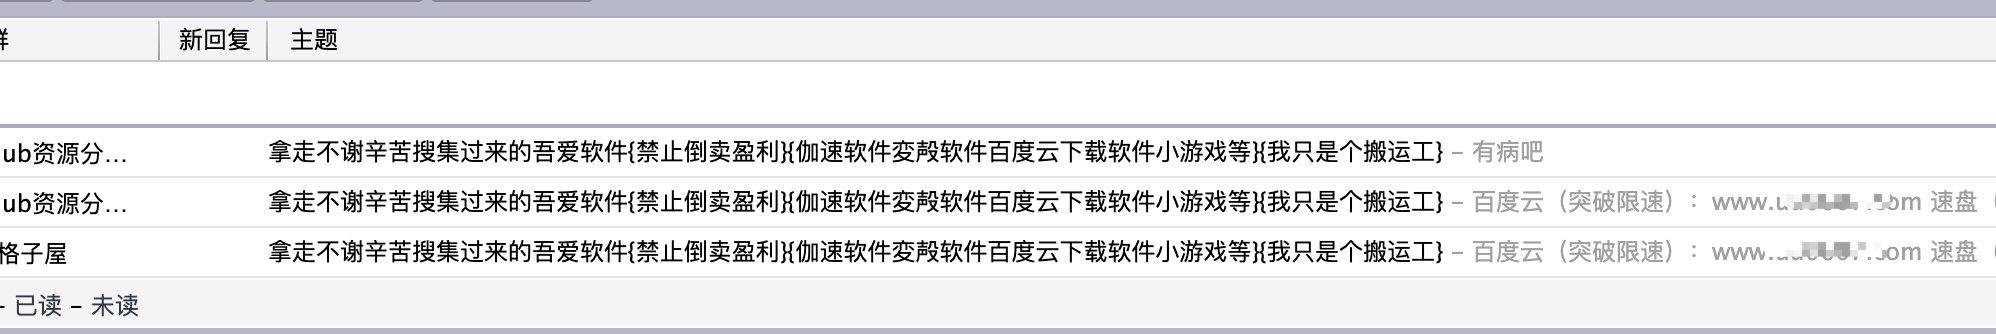 QQ 群垃圾邮件